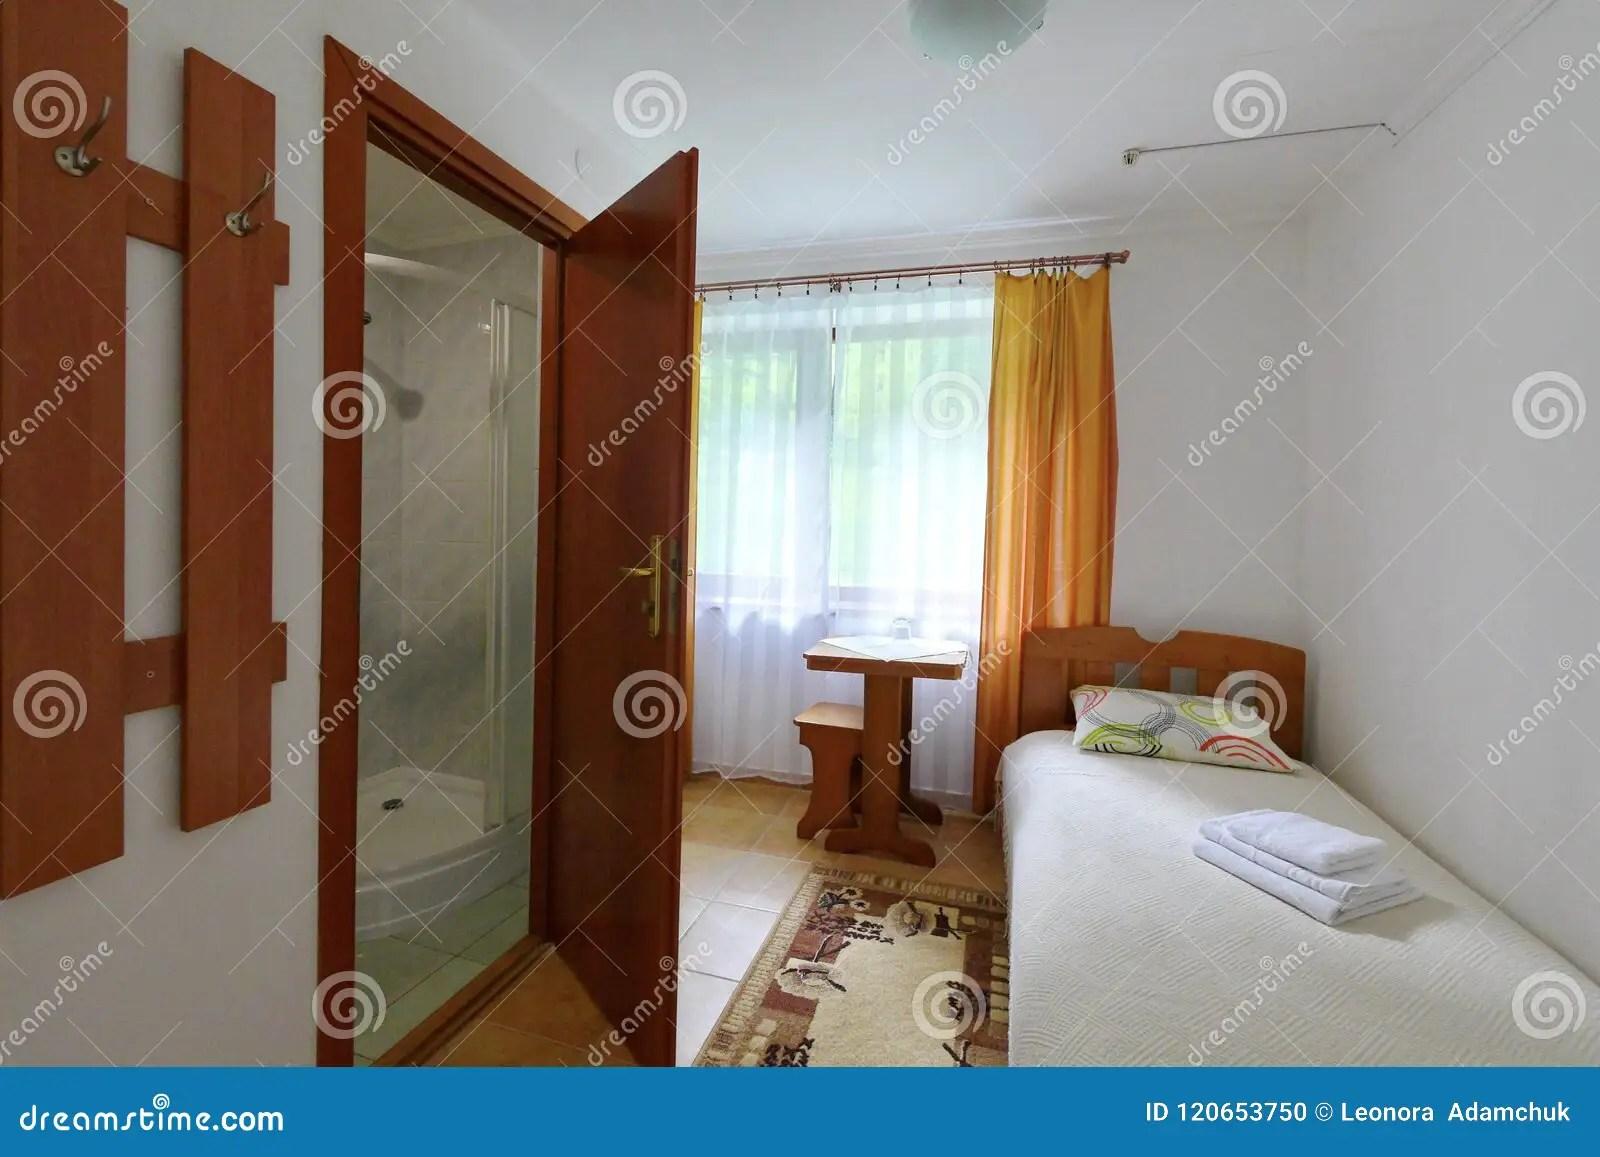 Salle De Bain Dans Petite Chambre | Meubles Exemple Salle Bain ...